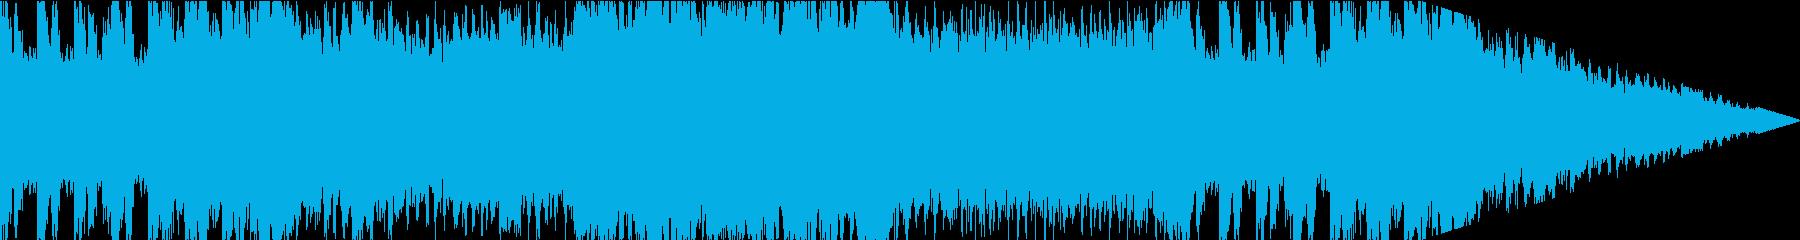 成功を告げるようなBGMの再生済みの波形